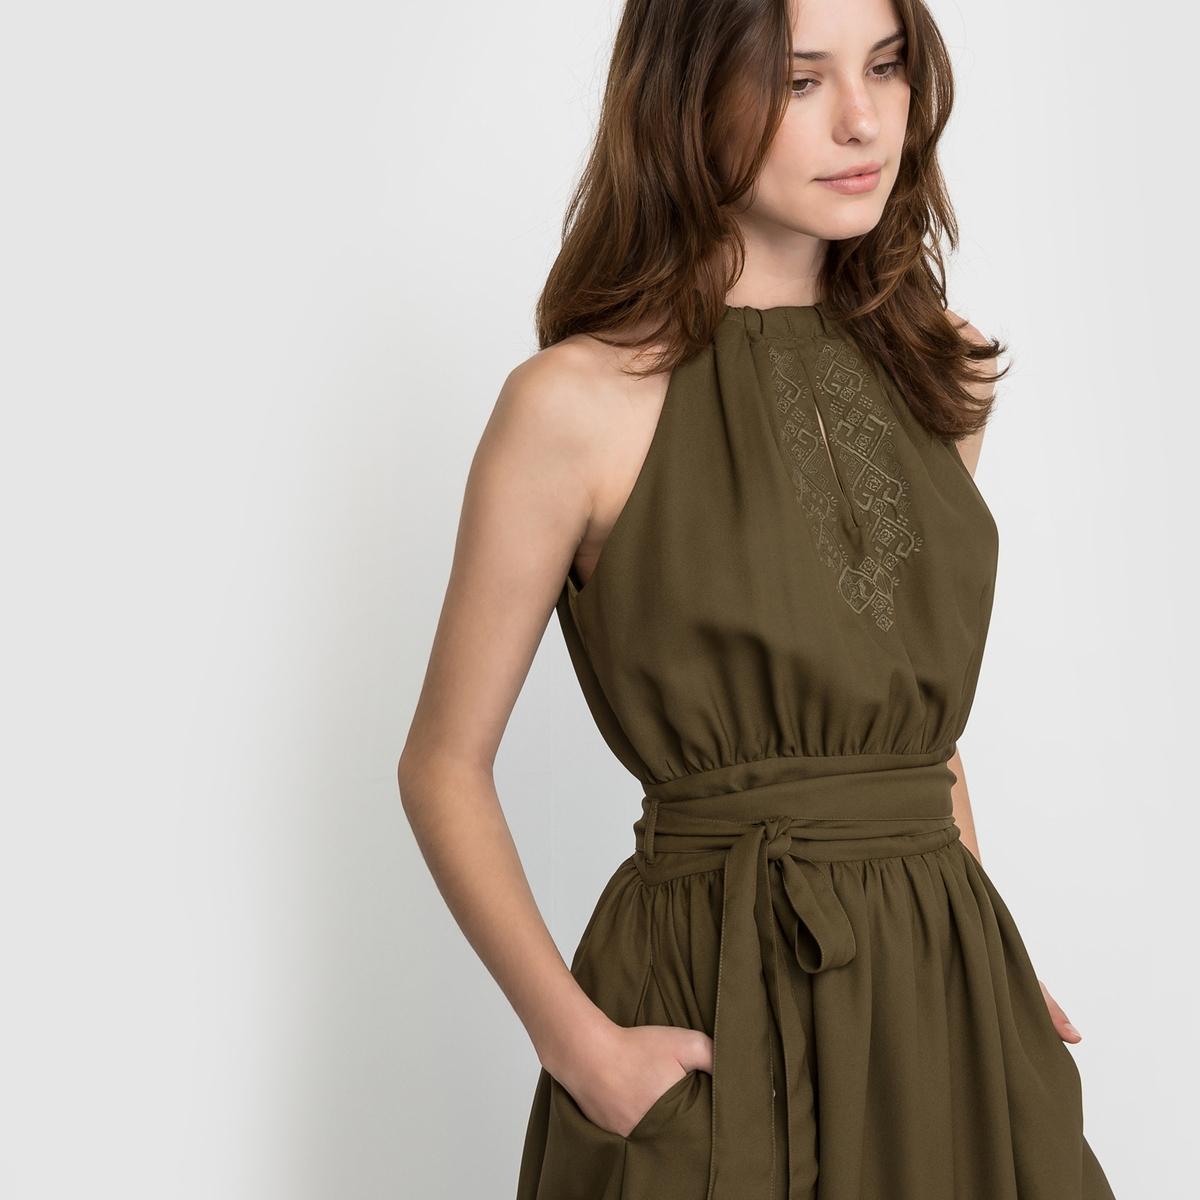 Платье с вышивкой и американскими проймами рукавовЗакругленный эластичный вырез. Вырез с разрезом спереди, этническая вышивка в тон с обеих сторон. Отрезное по линии талии, широкий пояс под шлевками, завязывающийся спереди. Расширяющийся книзу покрой, 2 кармана в боковых швах.  Застежка капля сзади + застежка на скрытую молнию. Платье на подкладке из джерси из полиэстера. Длина 110 см.        Состав и описаниеМатериал: платье 100% полиэстера - подкладка 100% полиэстераУходМашинная стирка при 30°C в деликатном режимеСтирать и гладить с изнаночной стороныГладить при низкой температуреМашинная сушка запрещена<br><br>Цвет: хаки<br>Размер: 44 (FR) - 50 (RUS).46 (FR) - 52 (RUS)